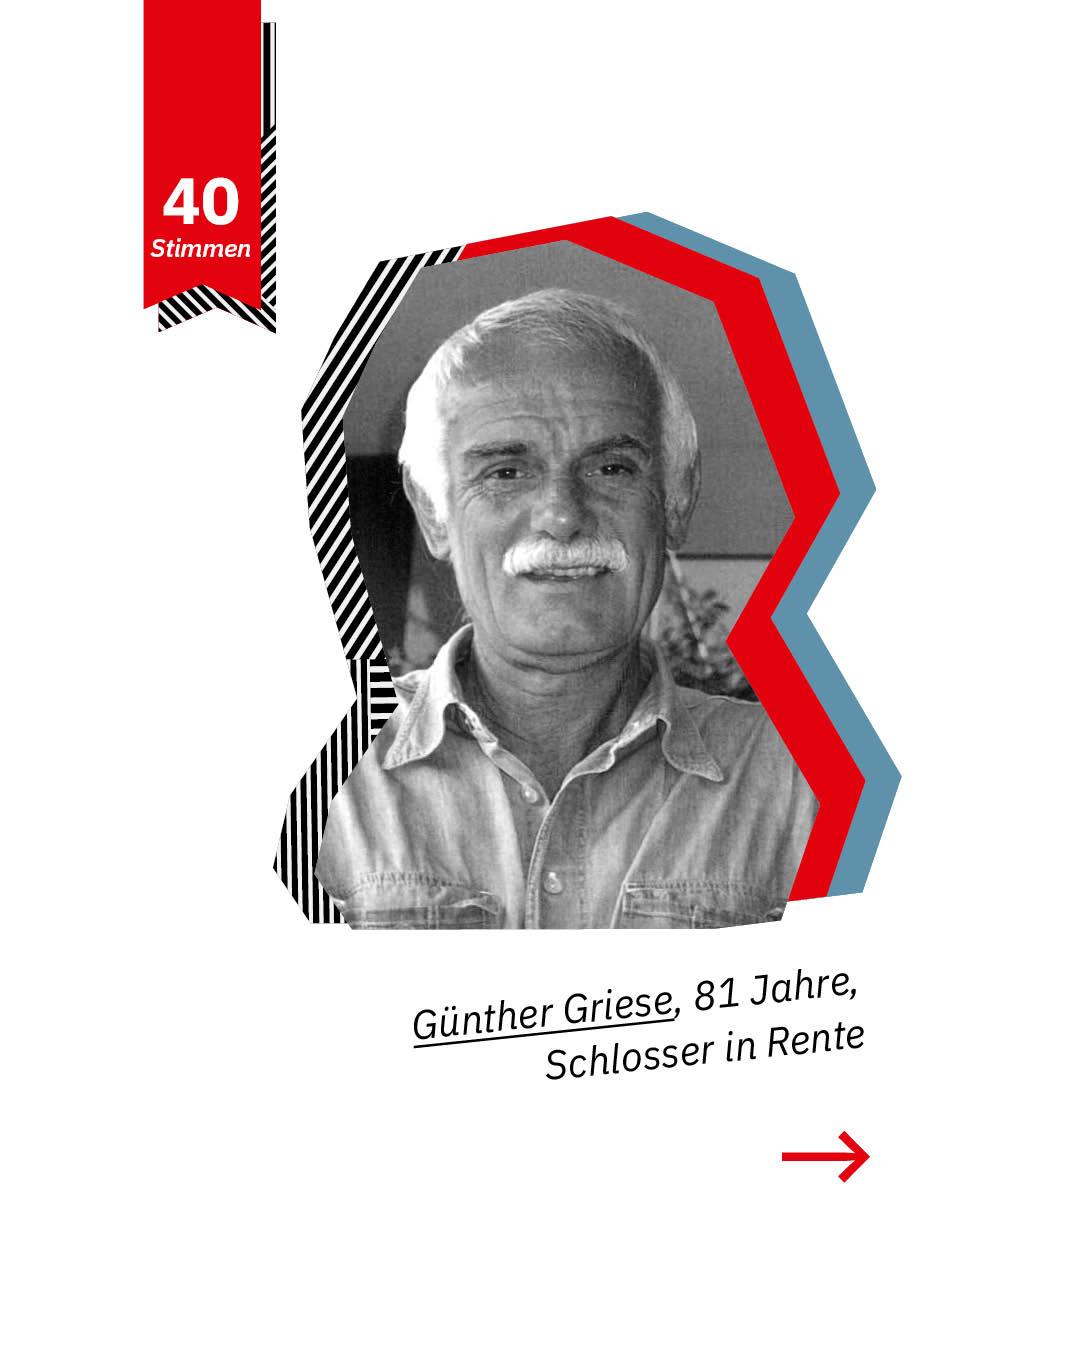 Statement 40 Jahre Gleichberechtigung, Günther Griese, Schlosser in Rente